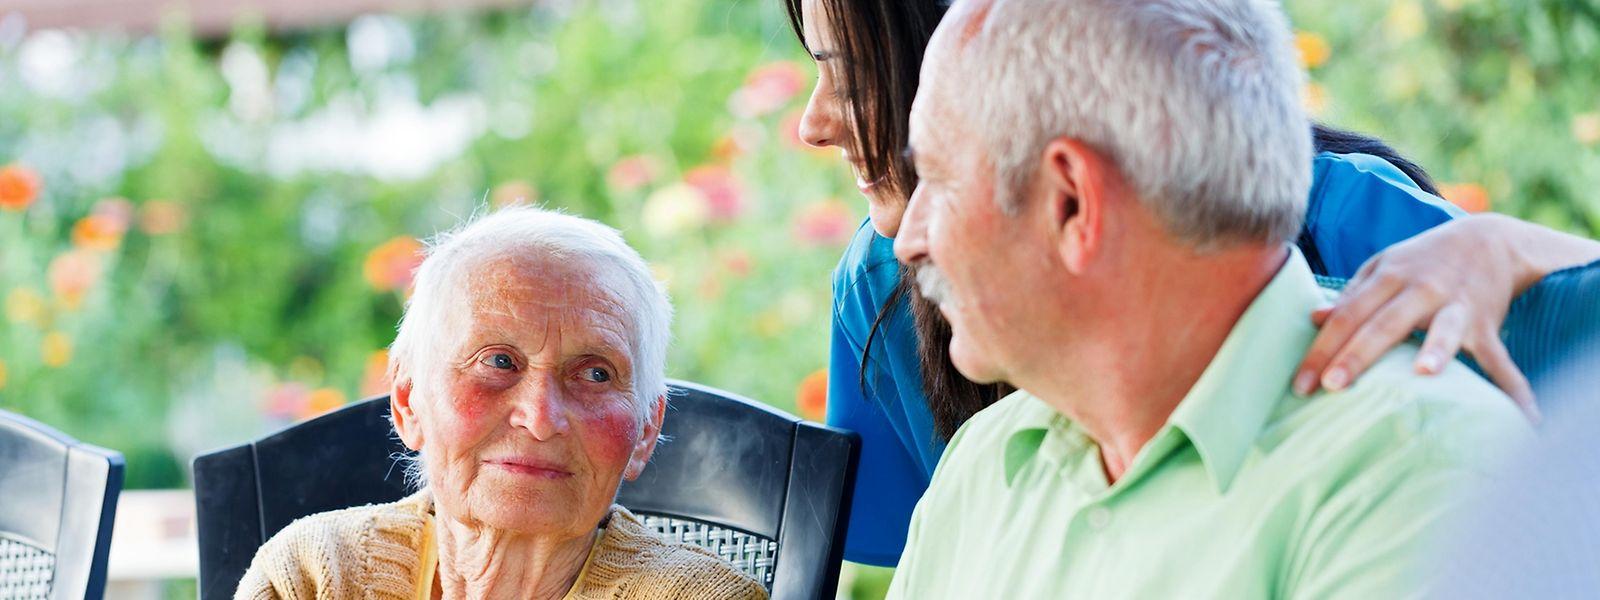 Eine neue Studie gibt Aufschluss über die Ursachen von Parkinson-Erkrankungen.